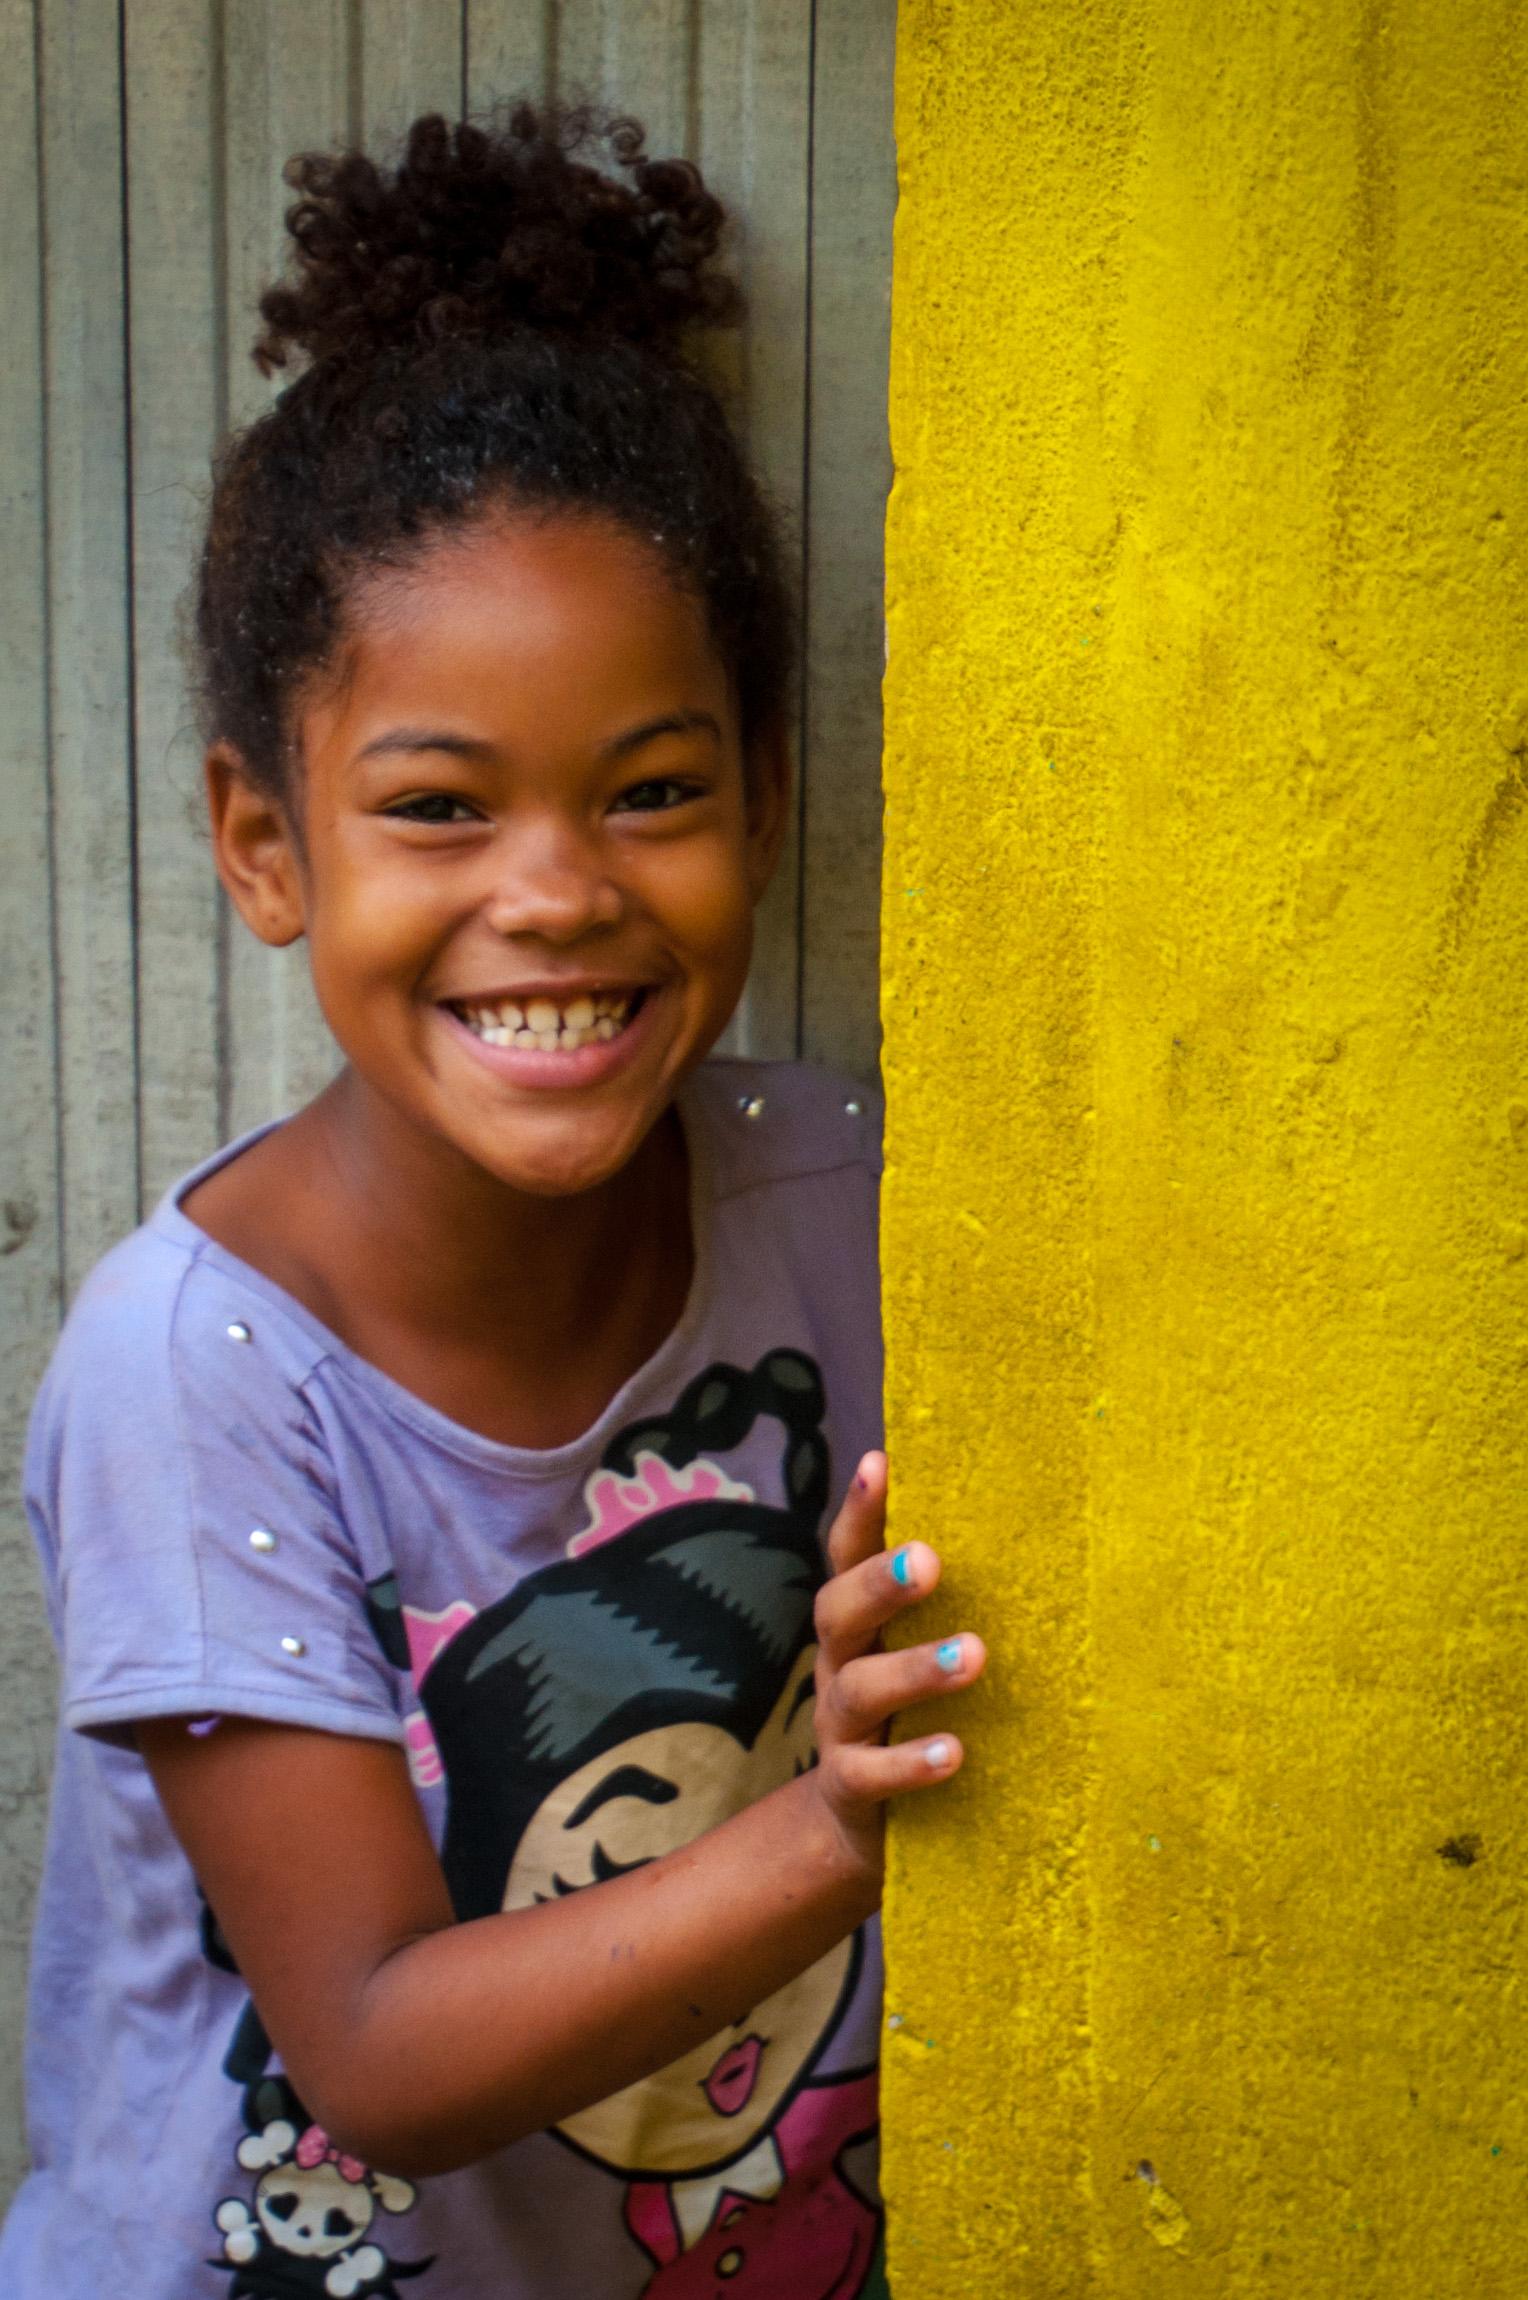 Brasilian kids